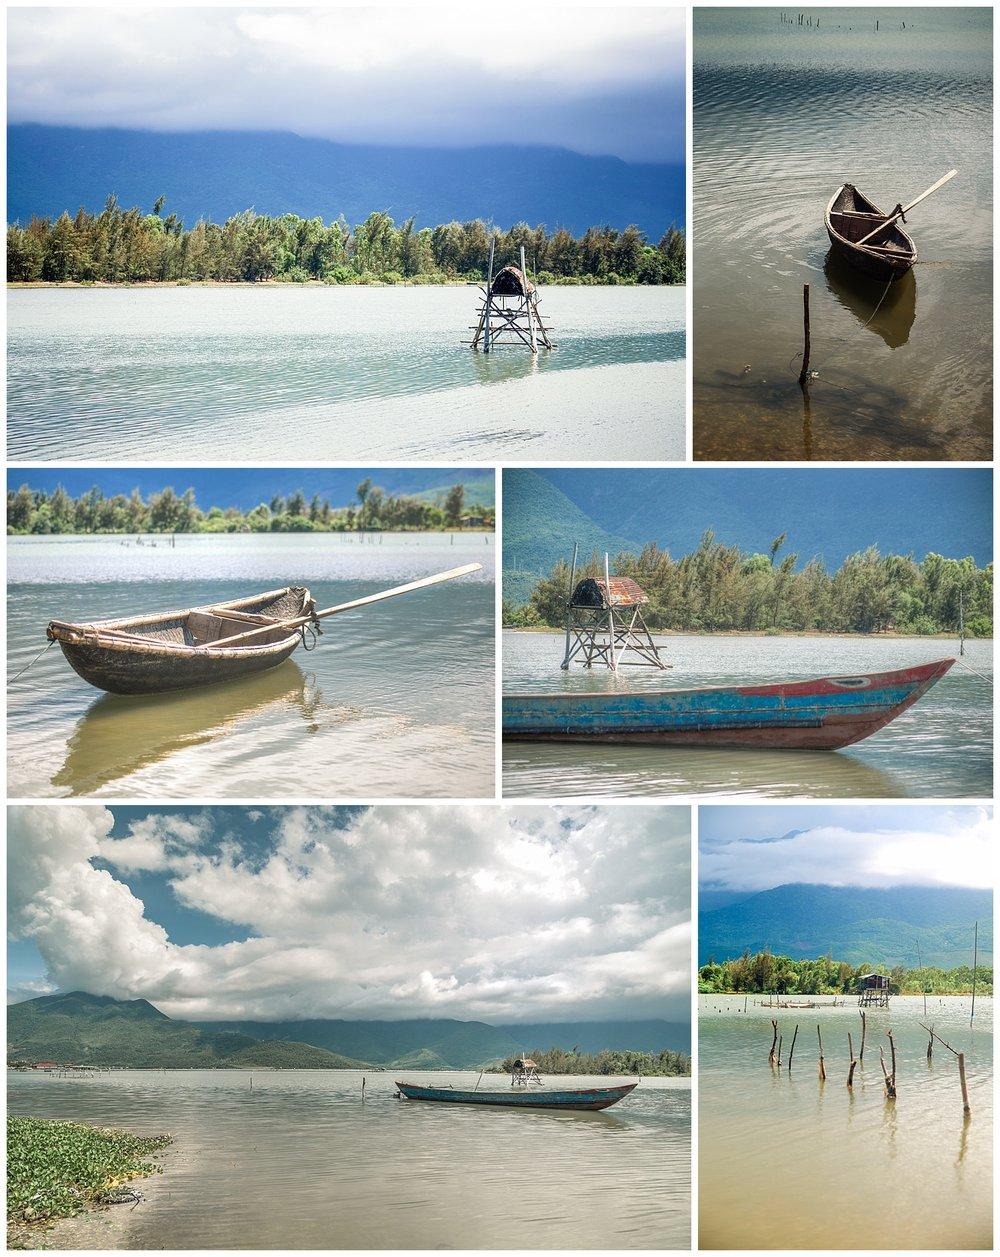 Vietnamese Boats - Marshall Arts Photography